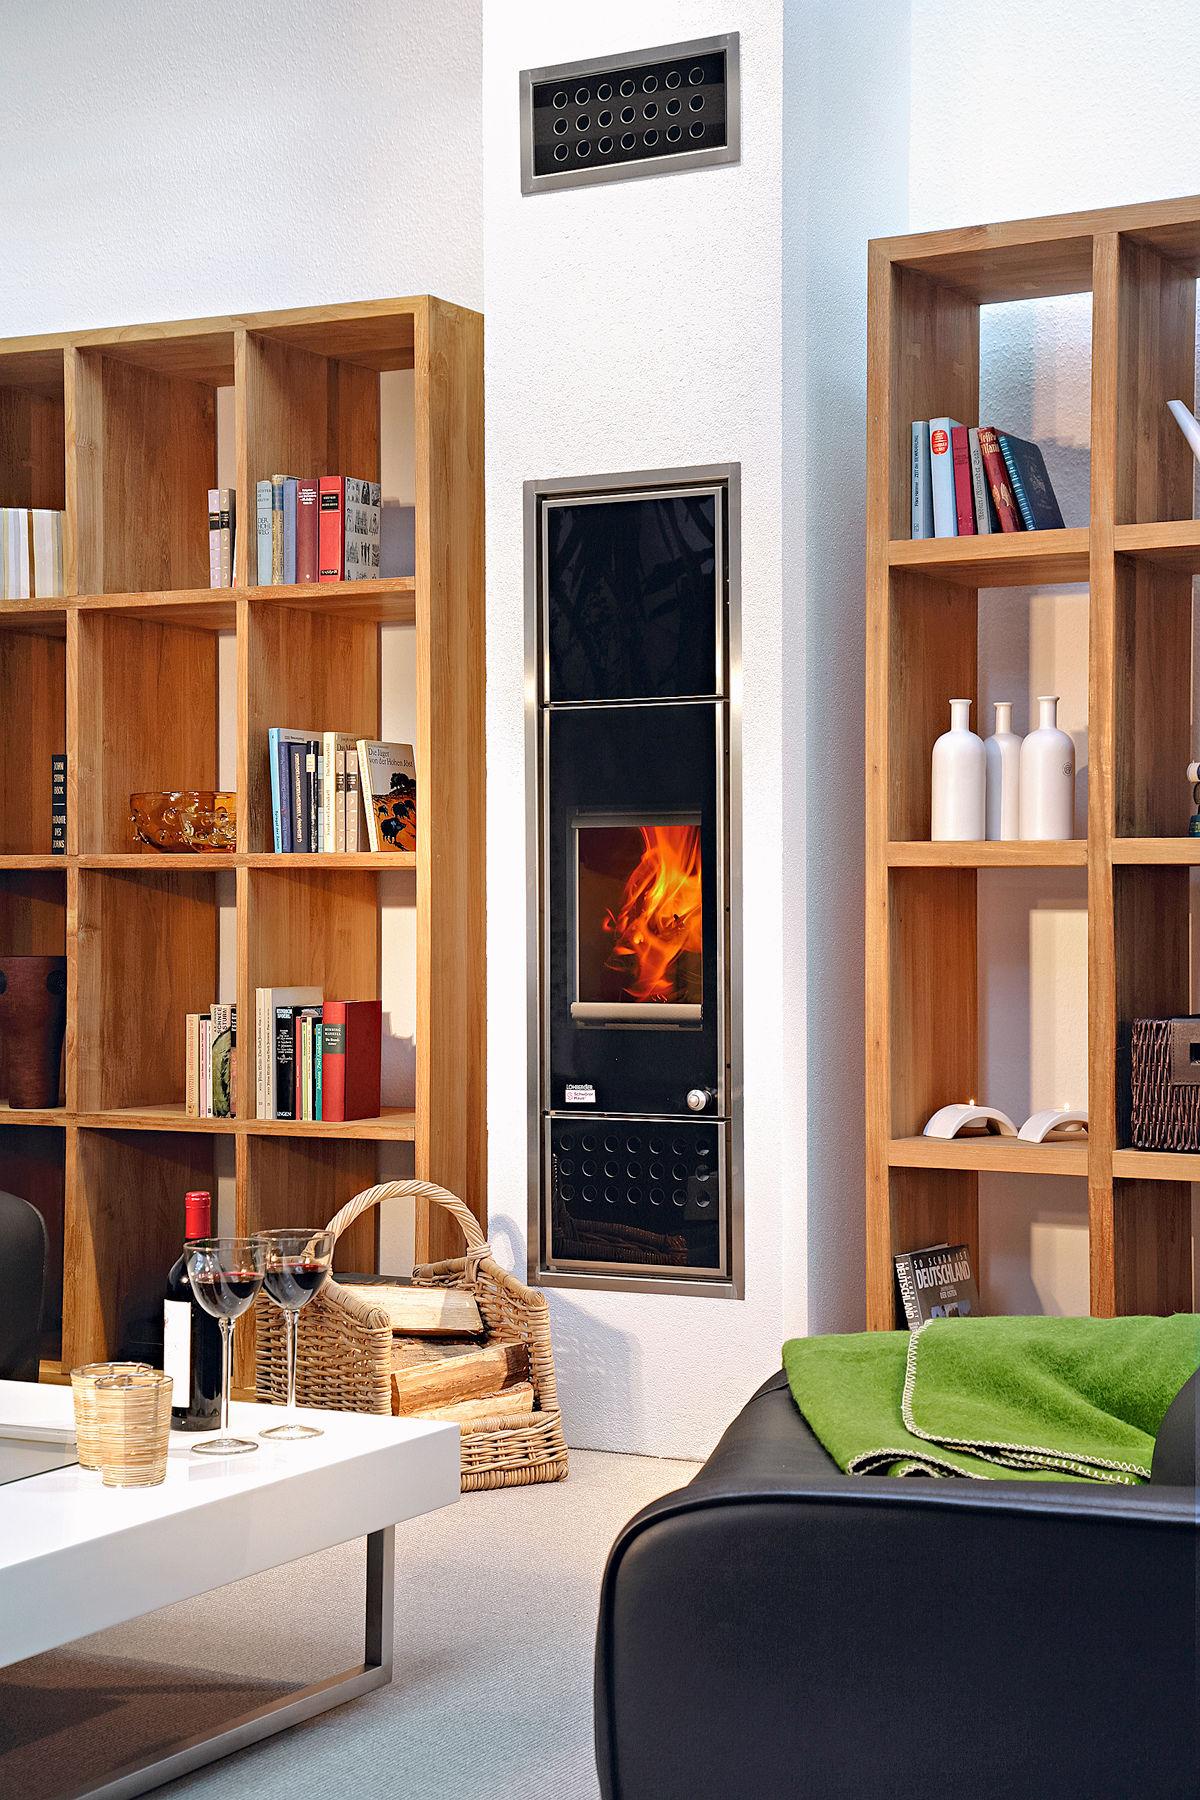 heizen mit frischluft zuhause wohnen. Black Bedroom Furniture Sets. Home Design Ideas